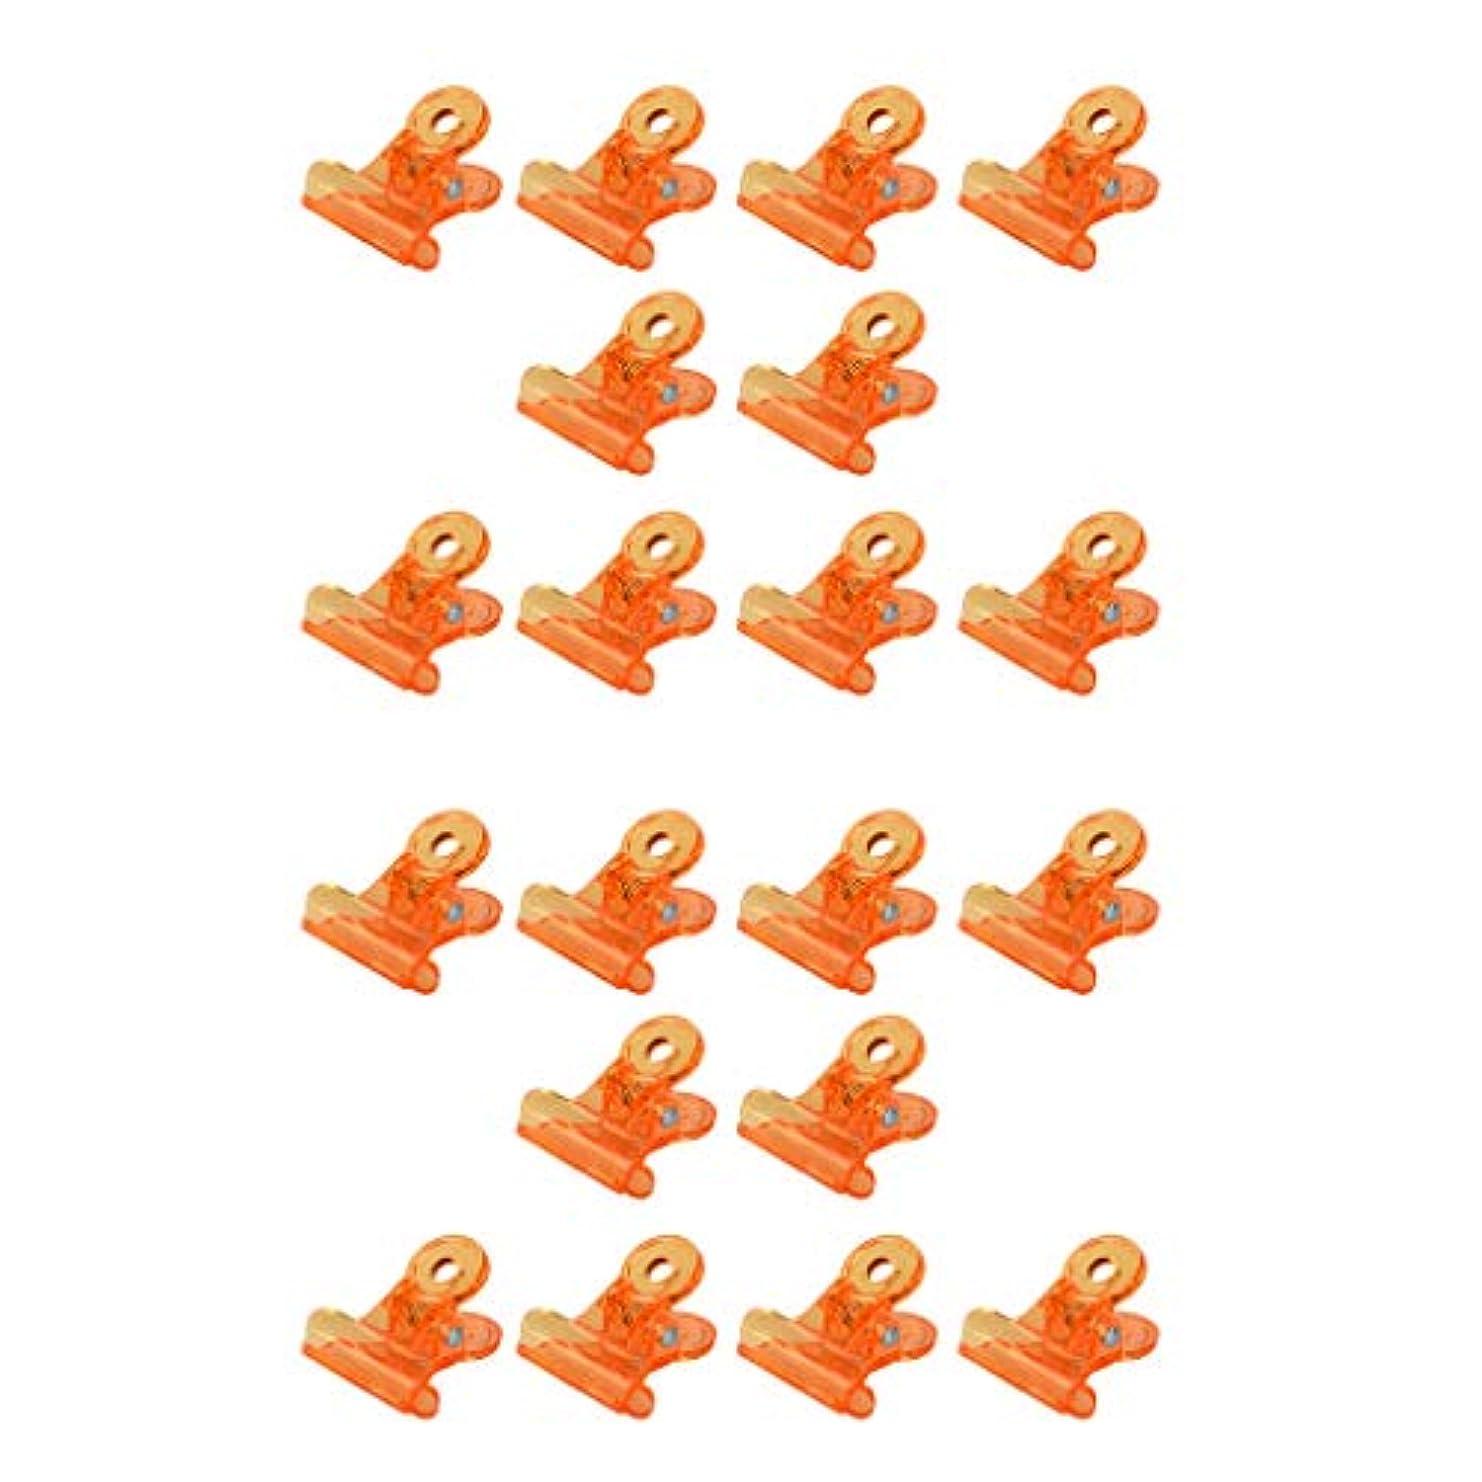 戻るアウトドアマカダムDYNWAVE 20倍の再利用可能なアクリルネイルポリッシュリムーバークリップネイルアートは、オレンジのクリップを染み込ませます